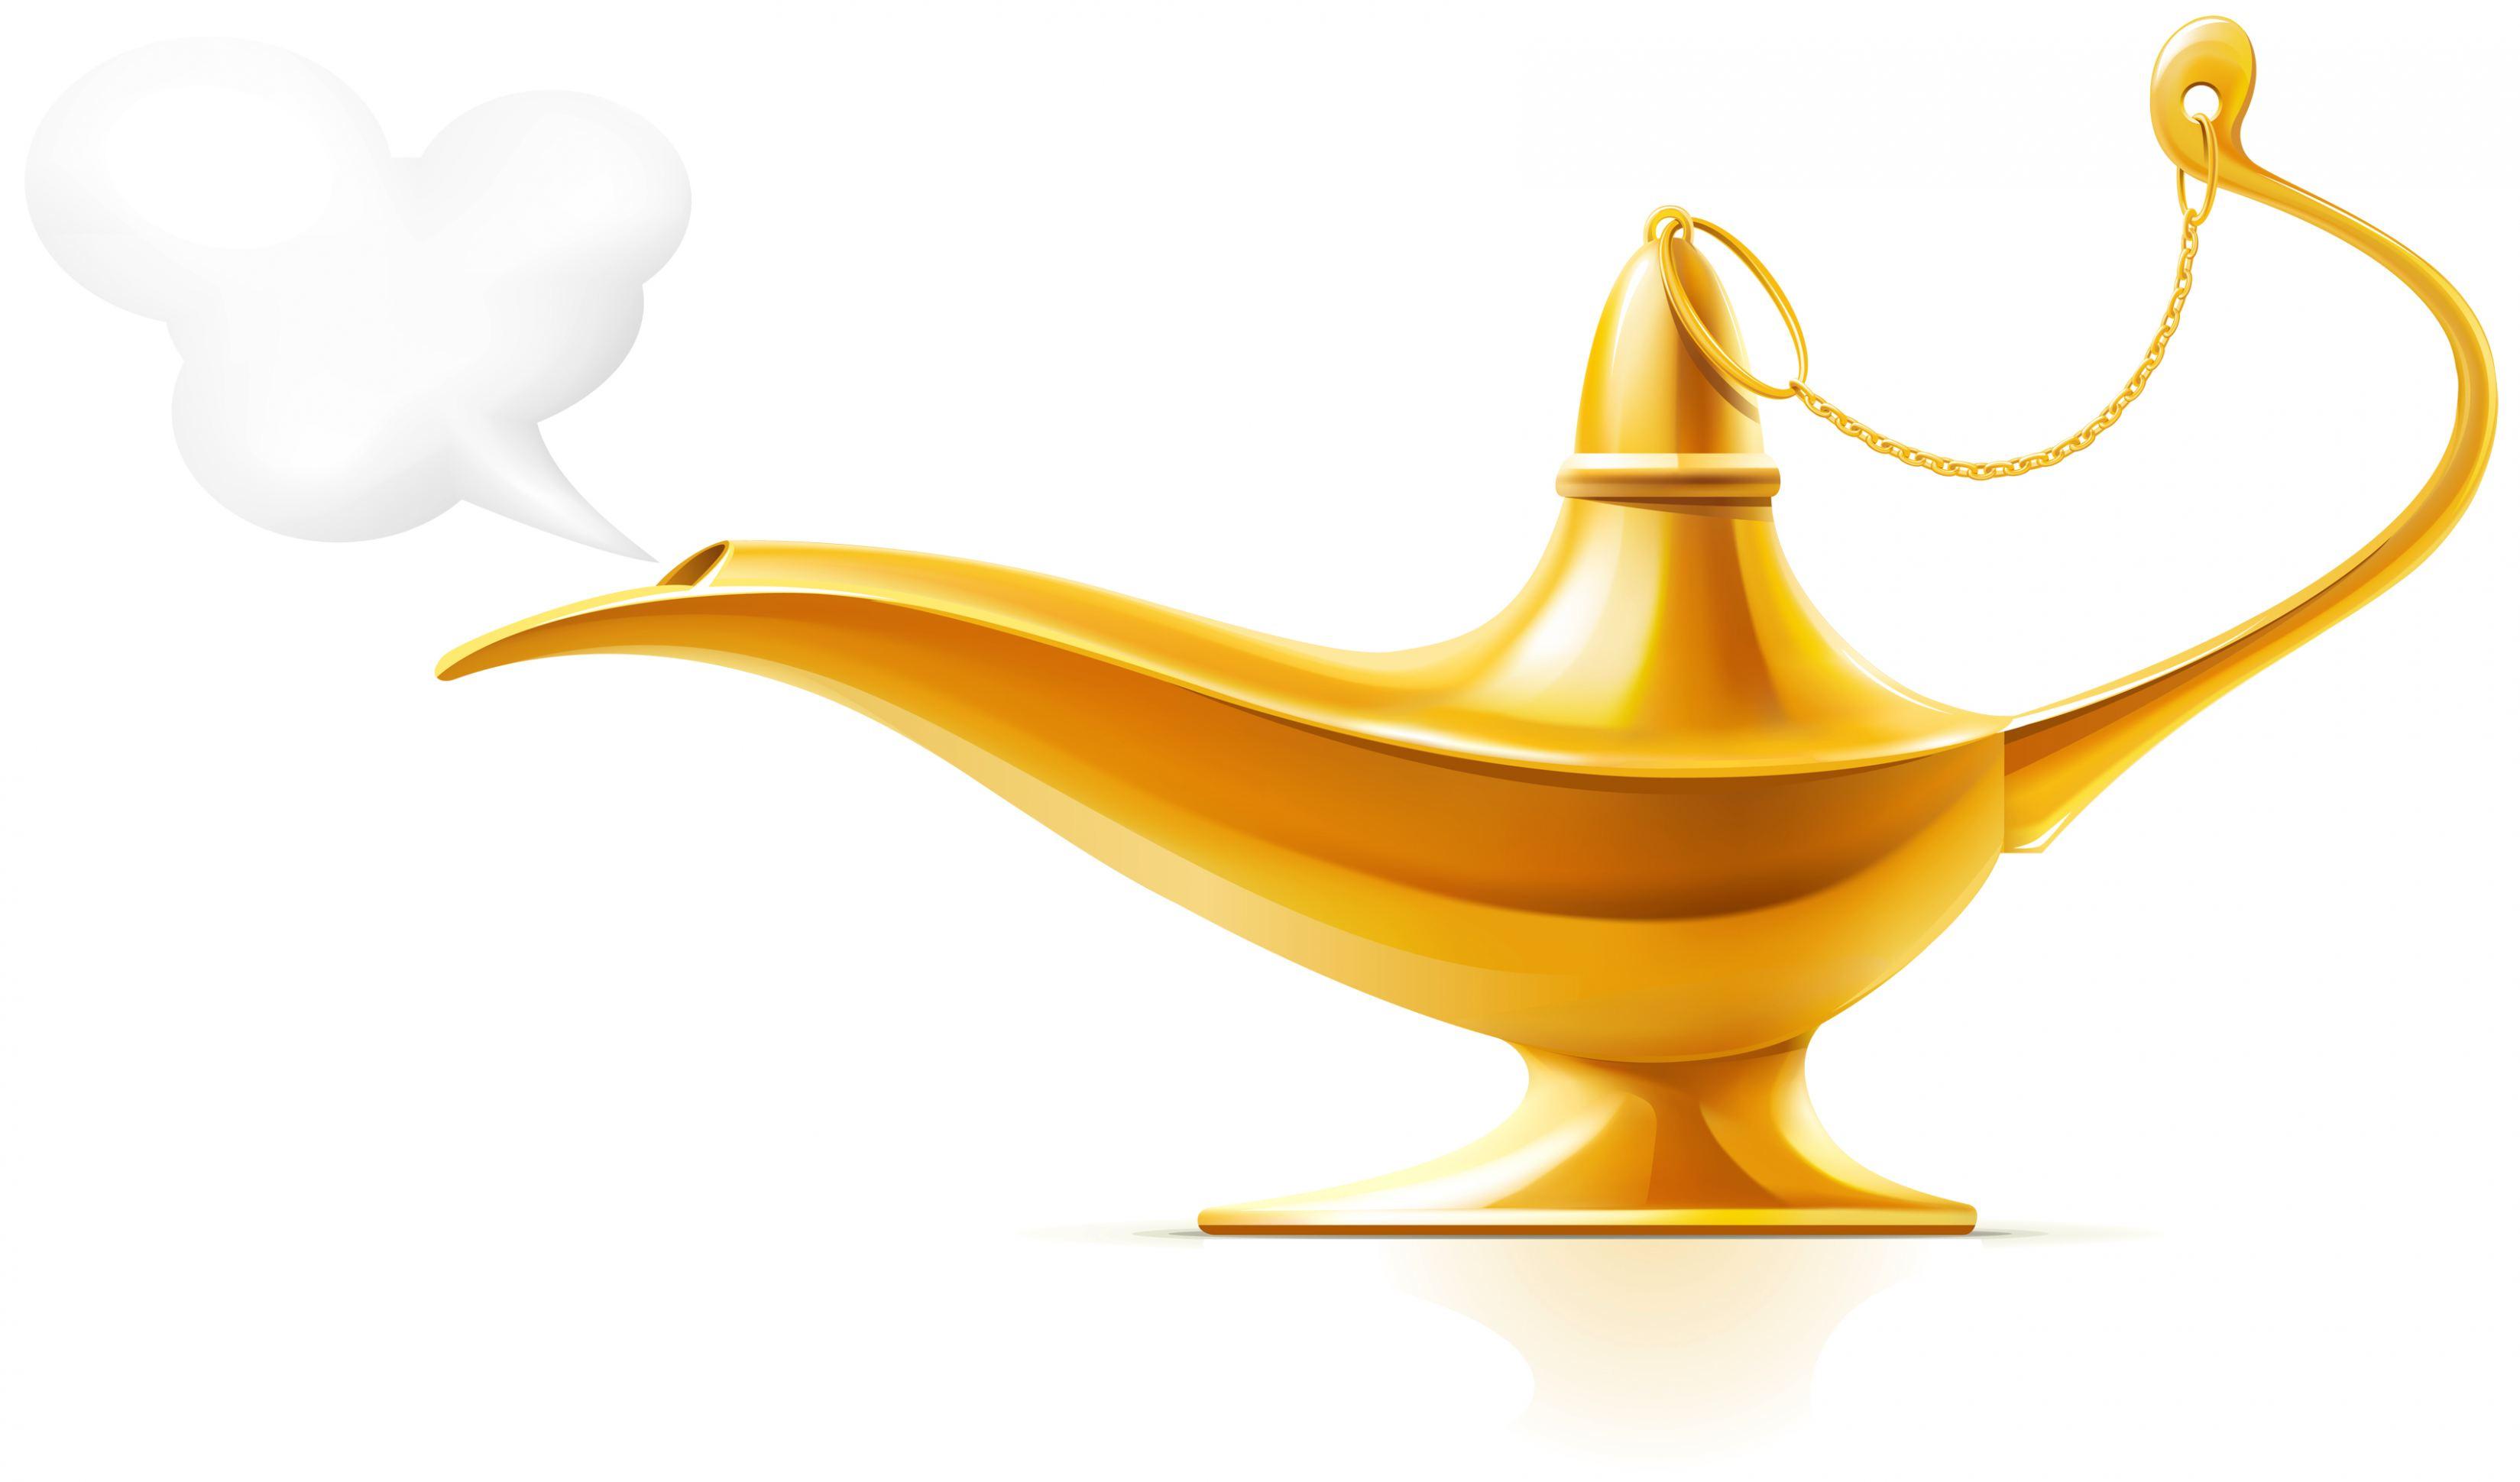 Magic Lamp Clipart at GetDrawings.com.